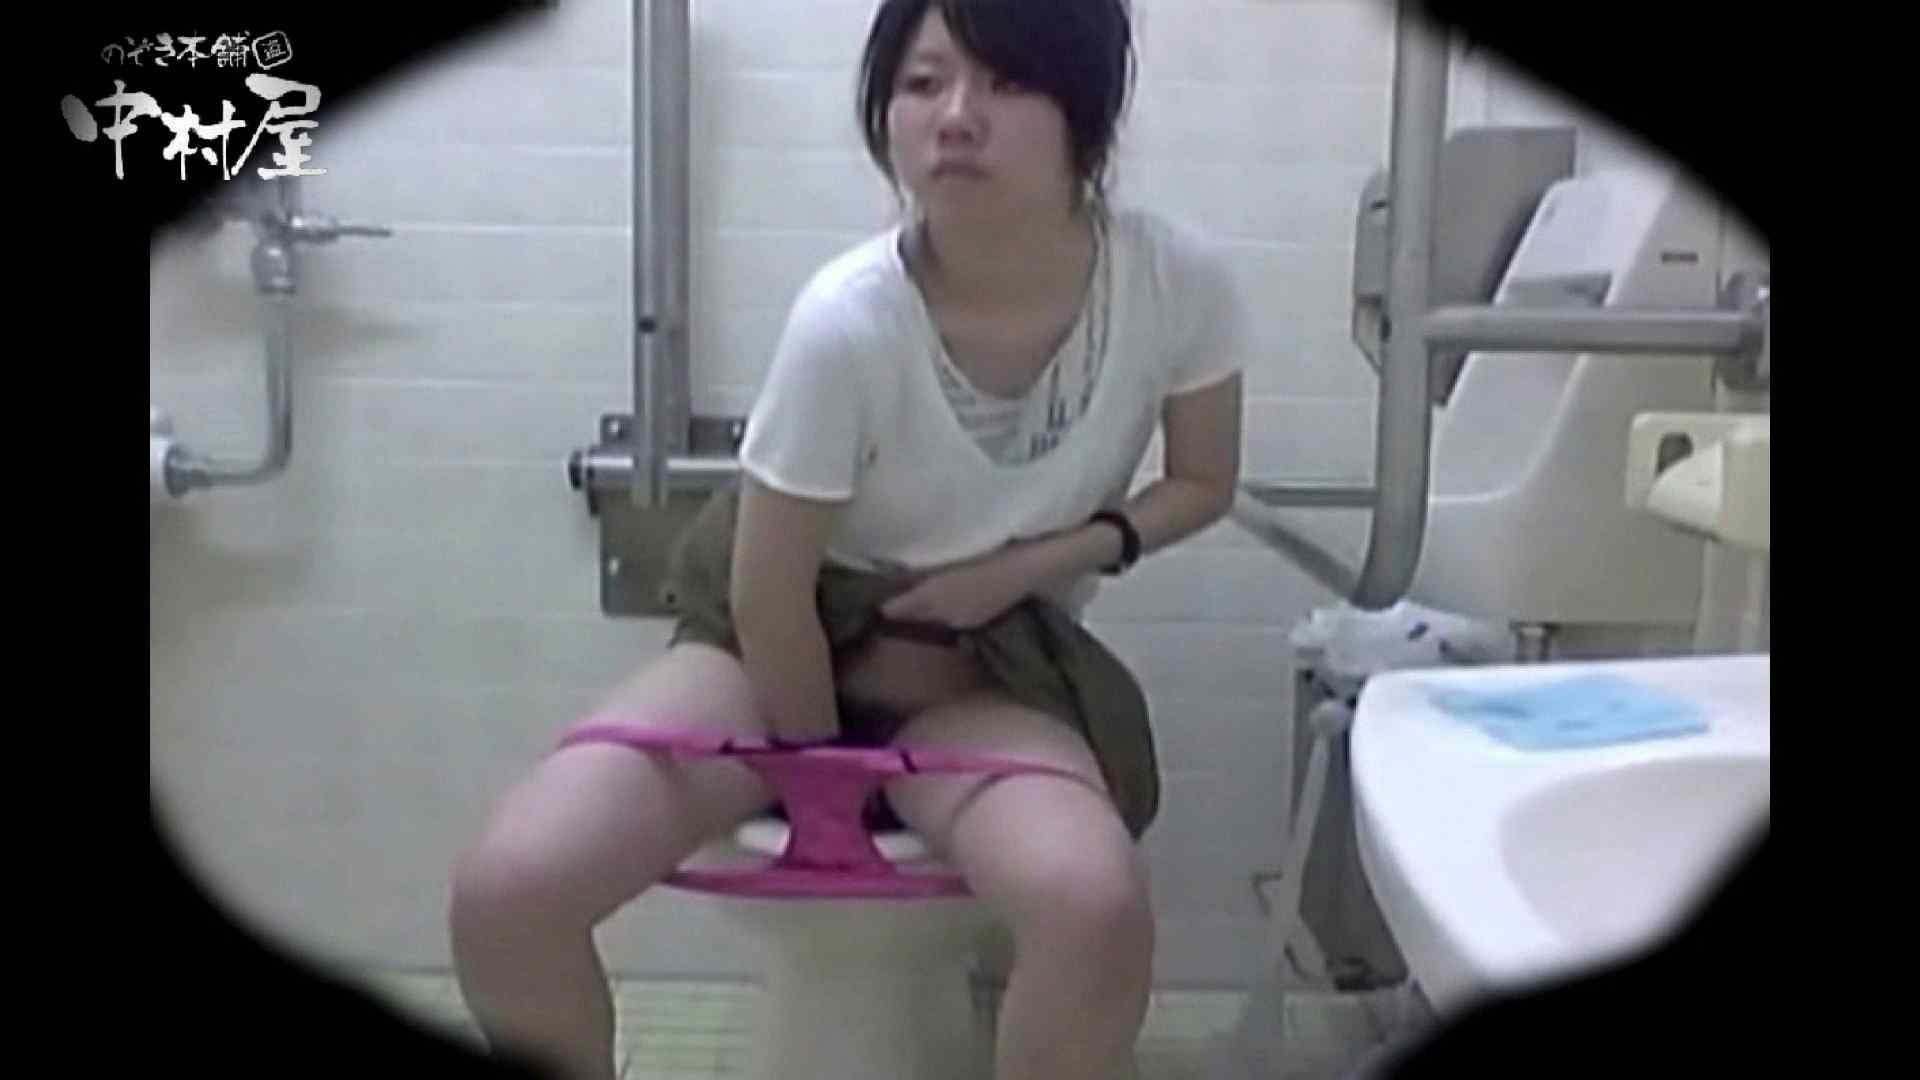 teen galトイレ覗き紙がナイ編‼vol.11 リアルトイレ  84Pix 37